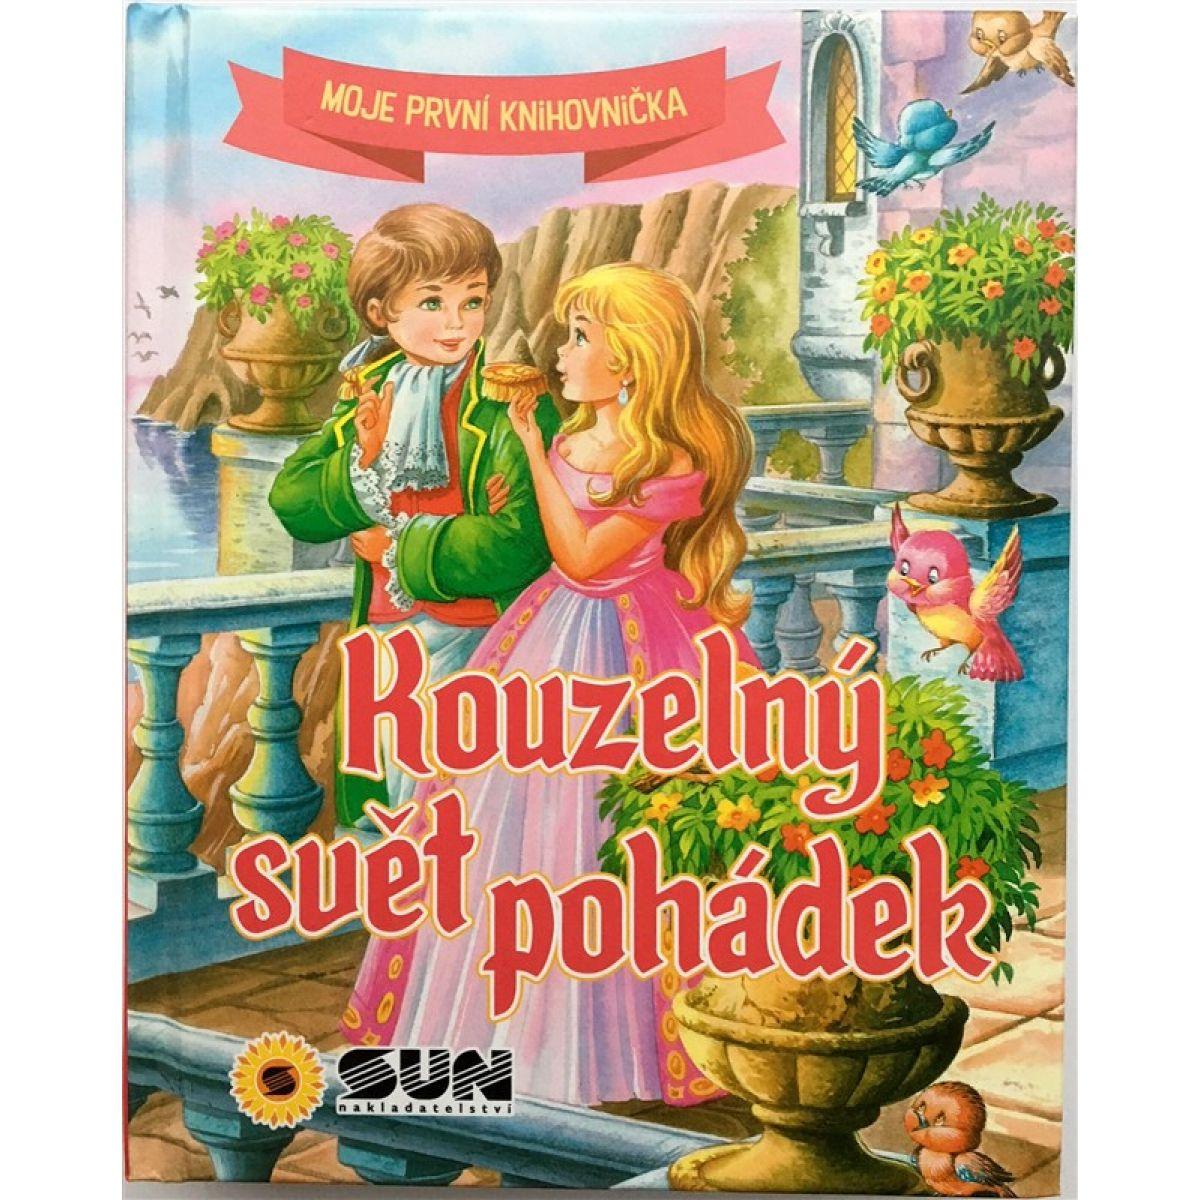 Sun kniha Kouzelný svět pohádek Nakladatelství SUN